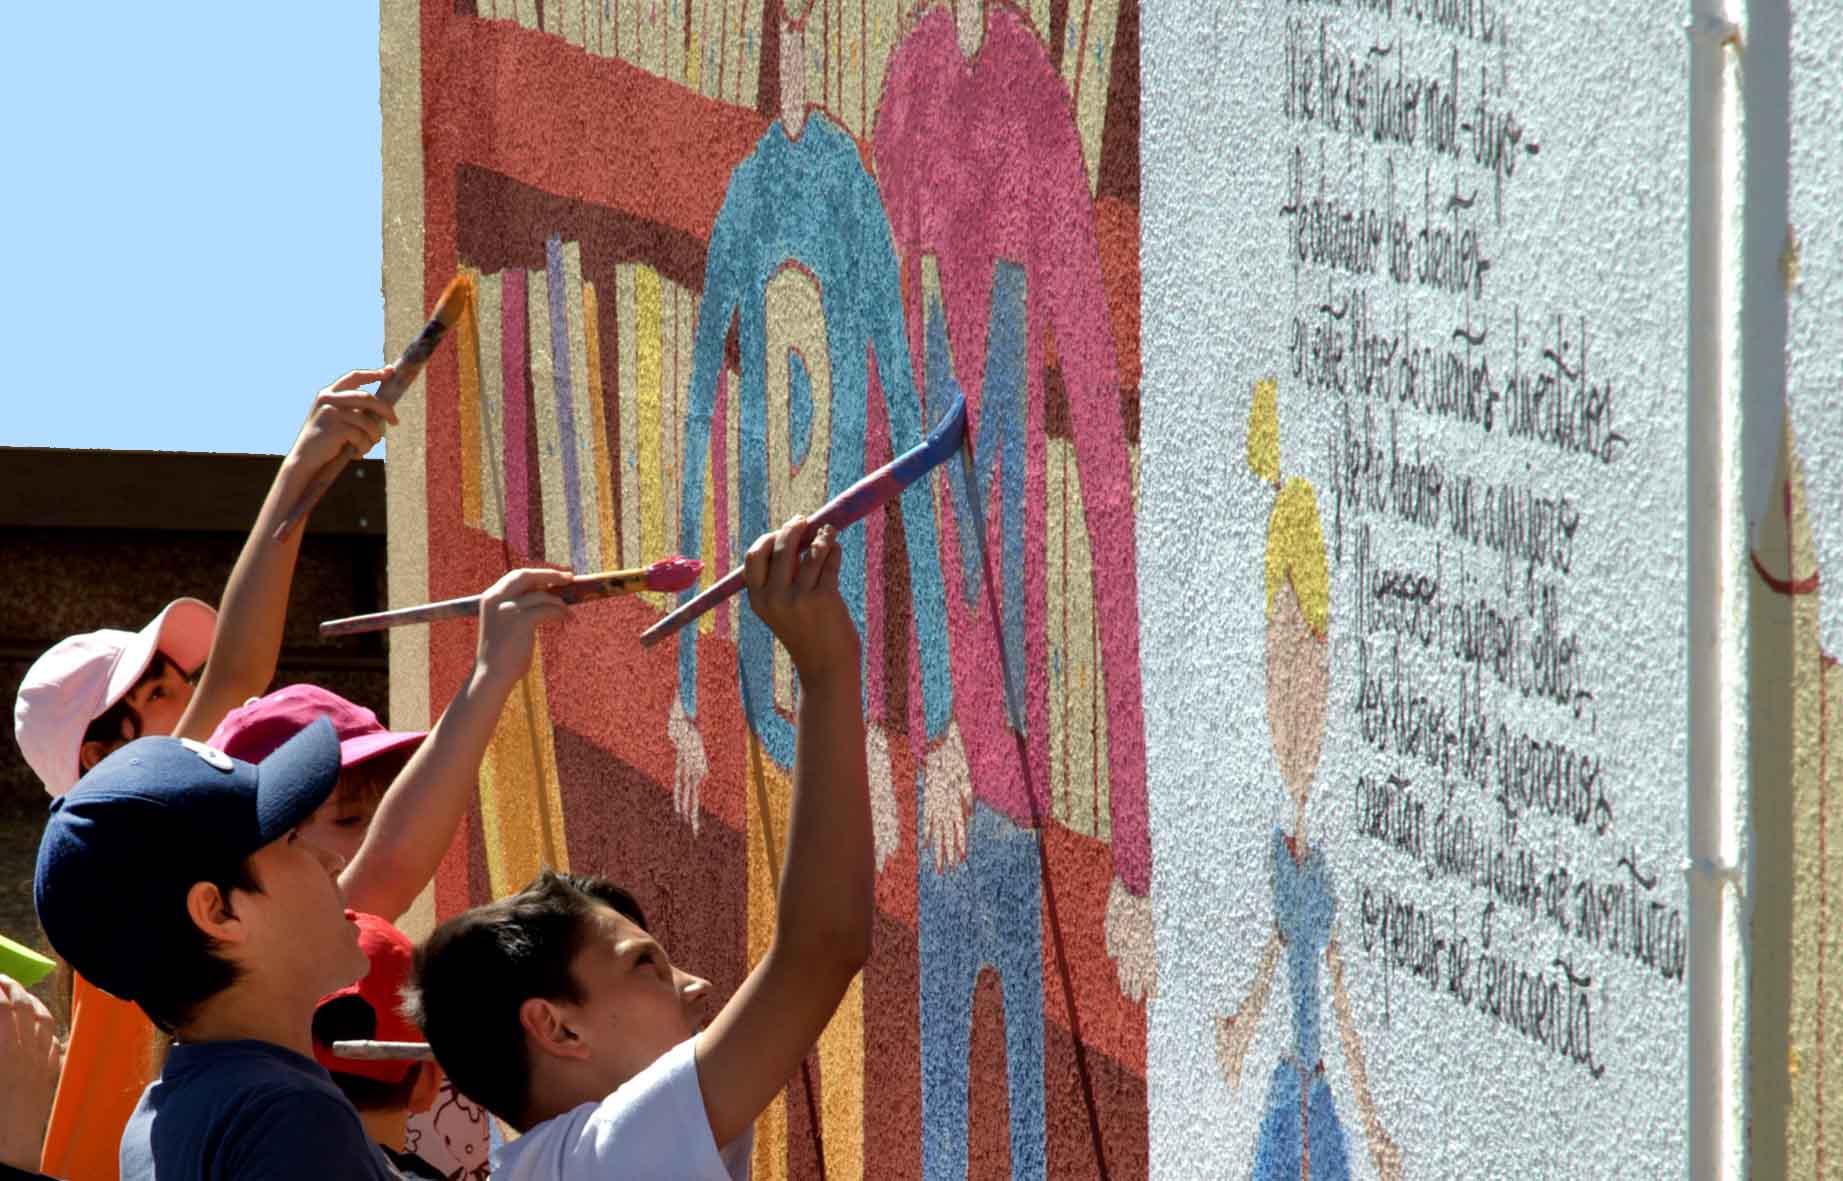 mural izas dibujando la palabra león 2